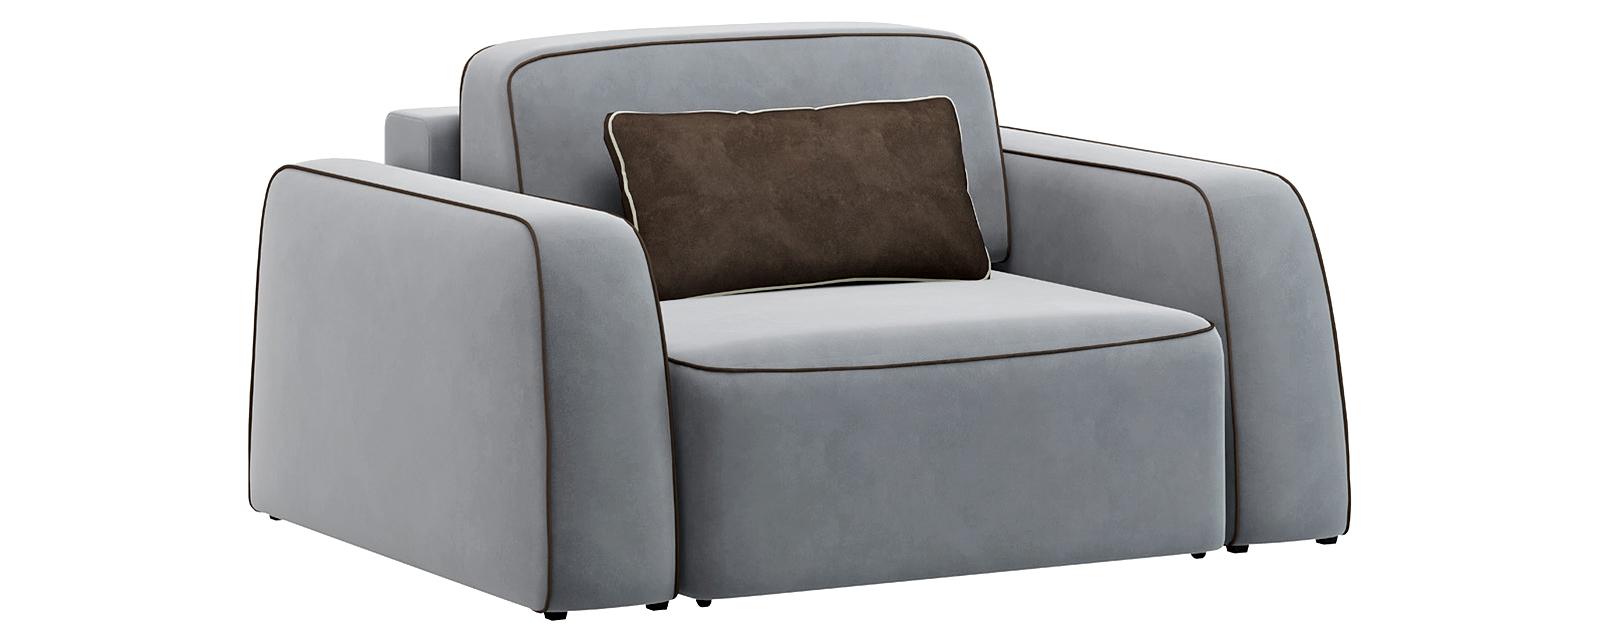 Кресло тканевое Портленд 100 см Velutto серый/темно-коричневый (Велюр) от HomeMe.ru